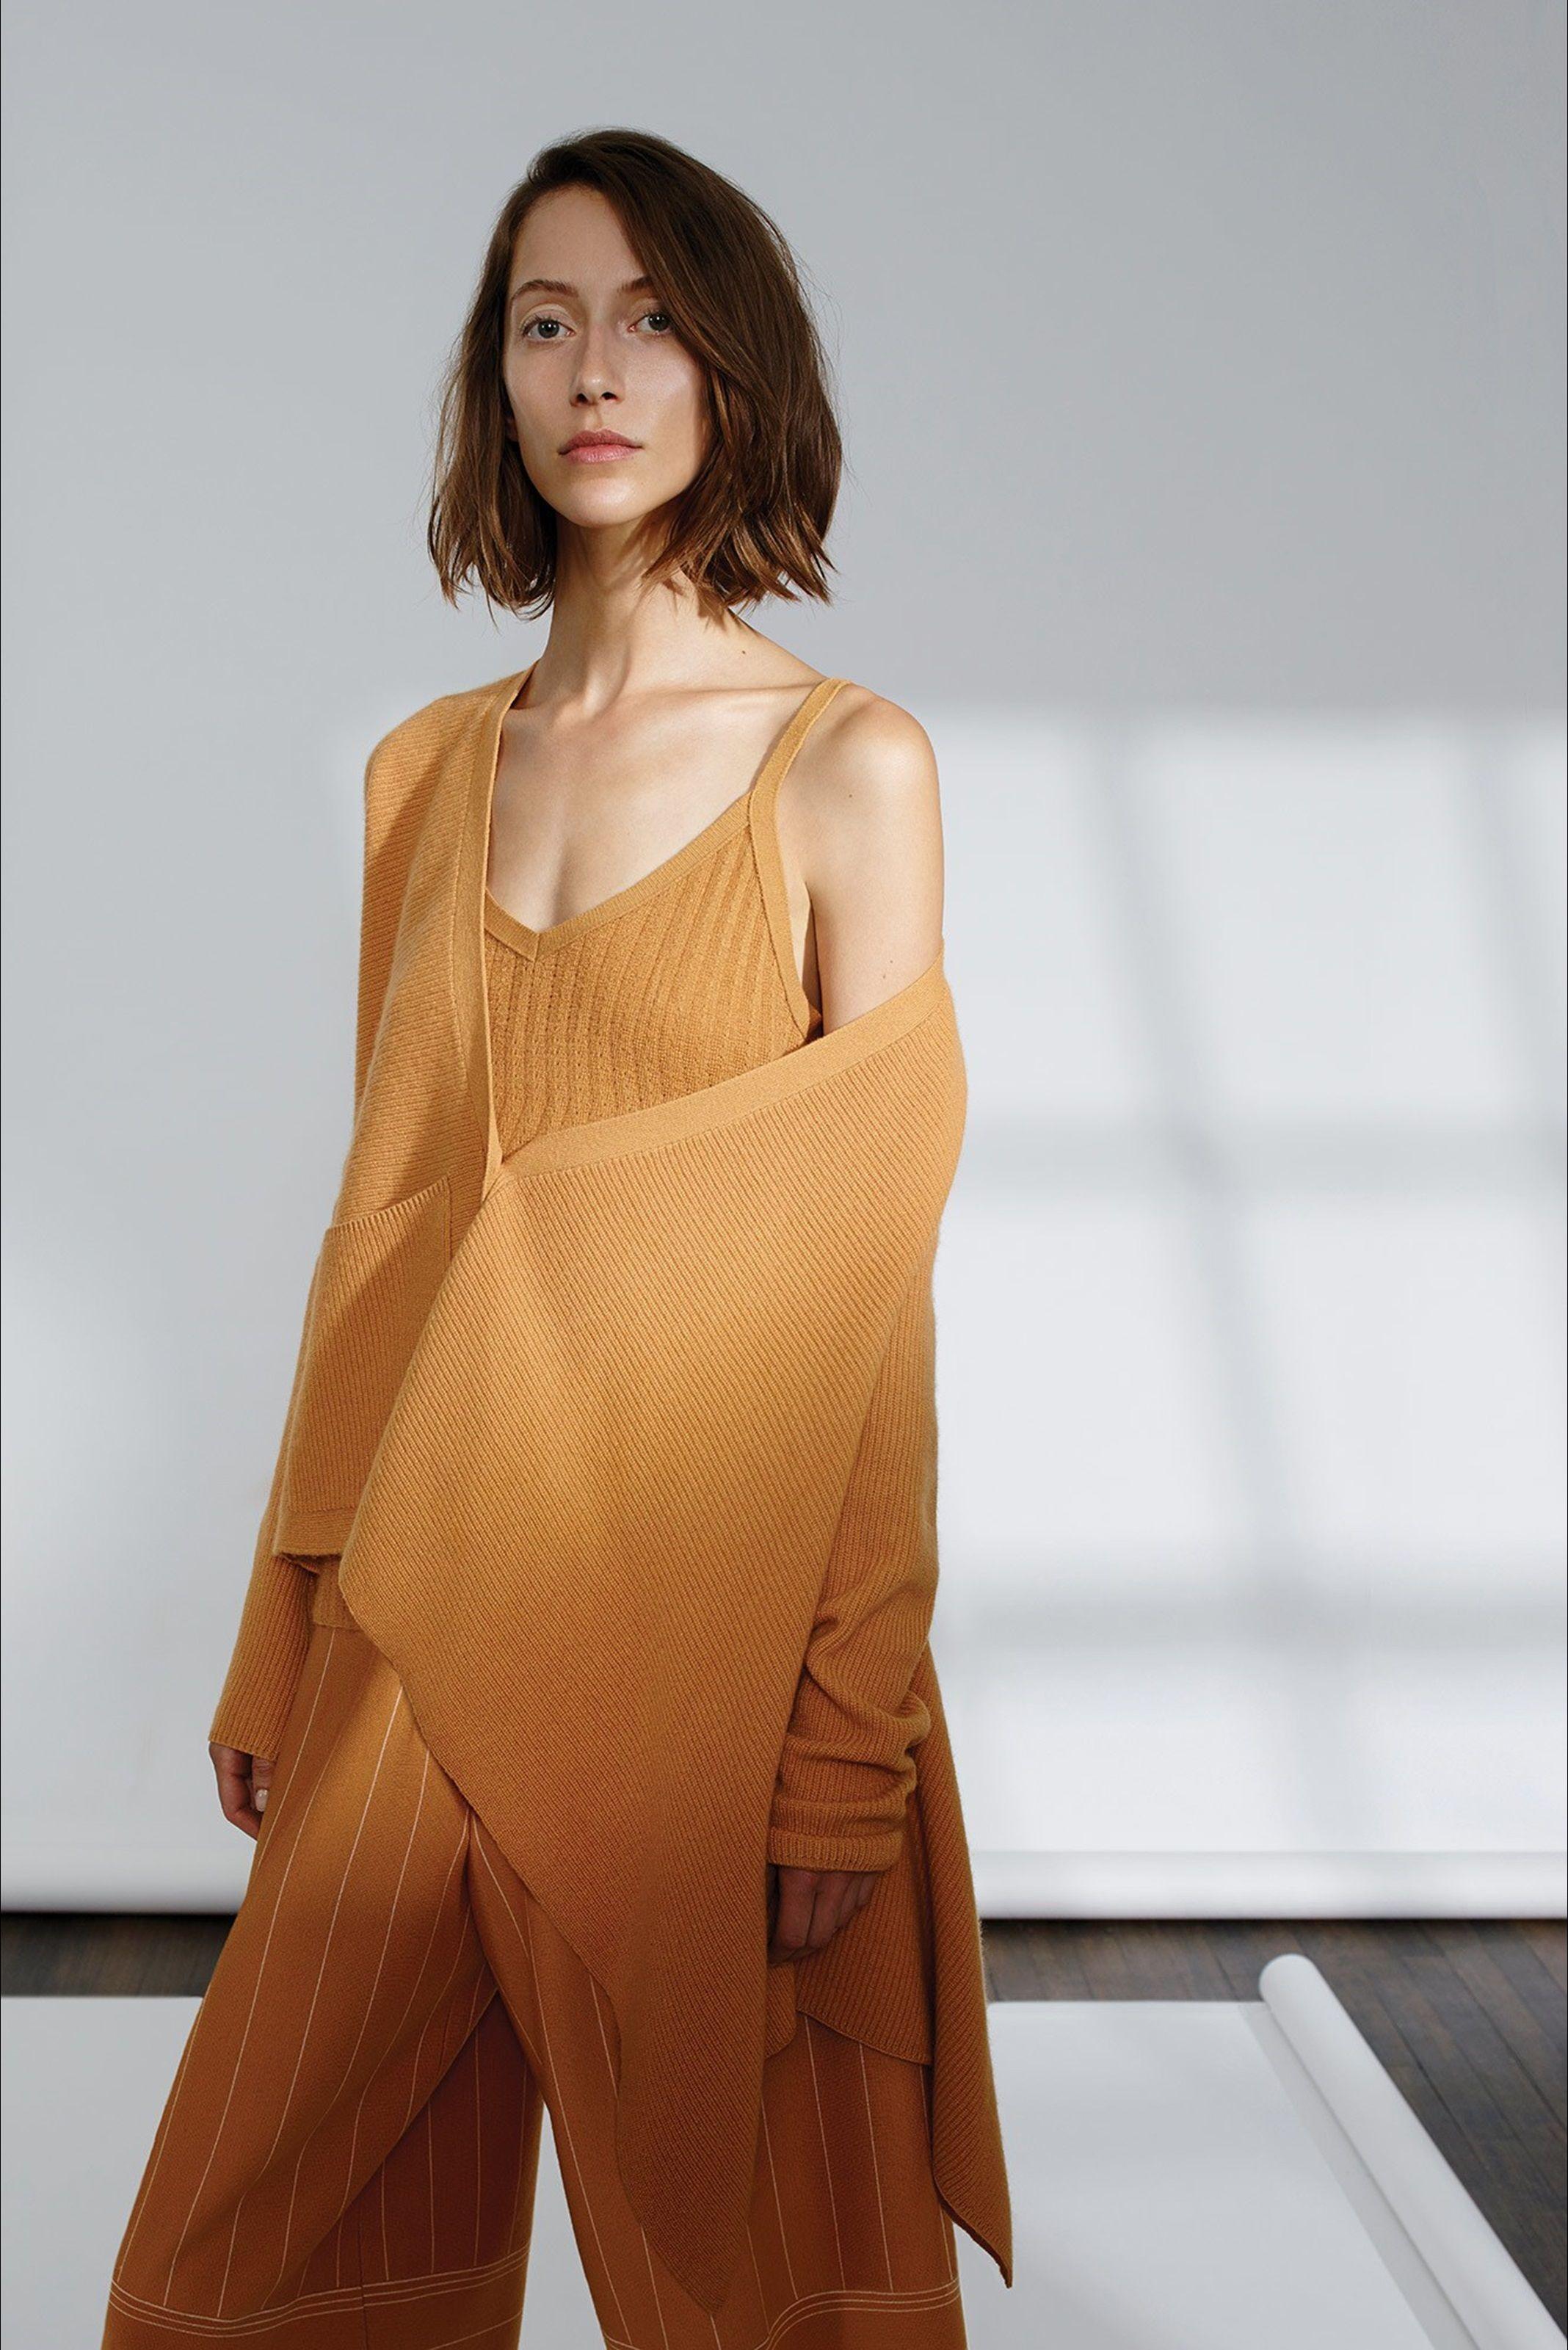 Guarda la sfilata di moda TSE a New York e scopri la collezione di abiti e accessori per la stagione Collezioni Primavera Estate 2017.